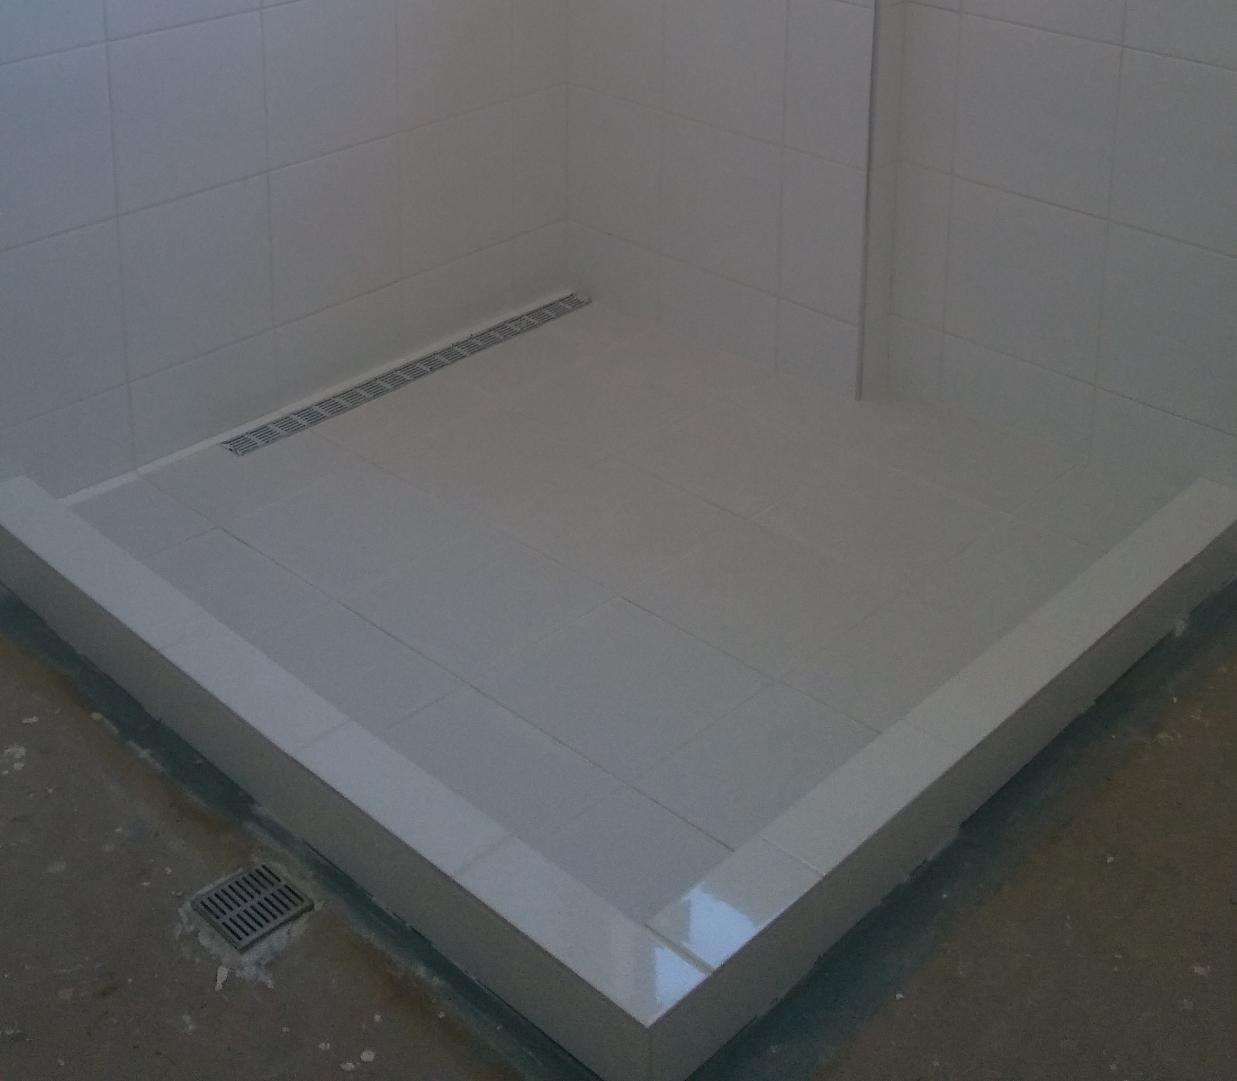 Waterproofing Bathroom Floor Before Tiling: Shower Floor Design